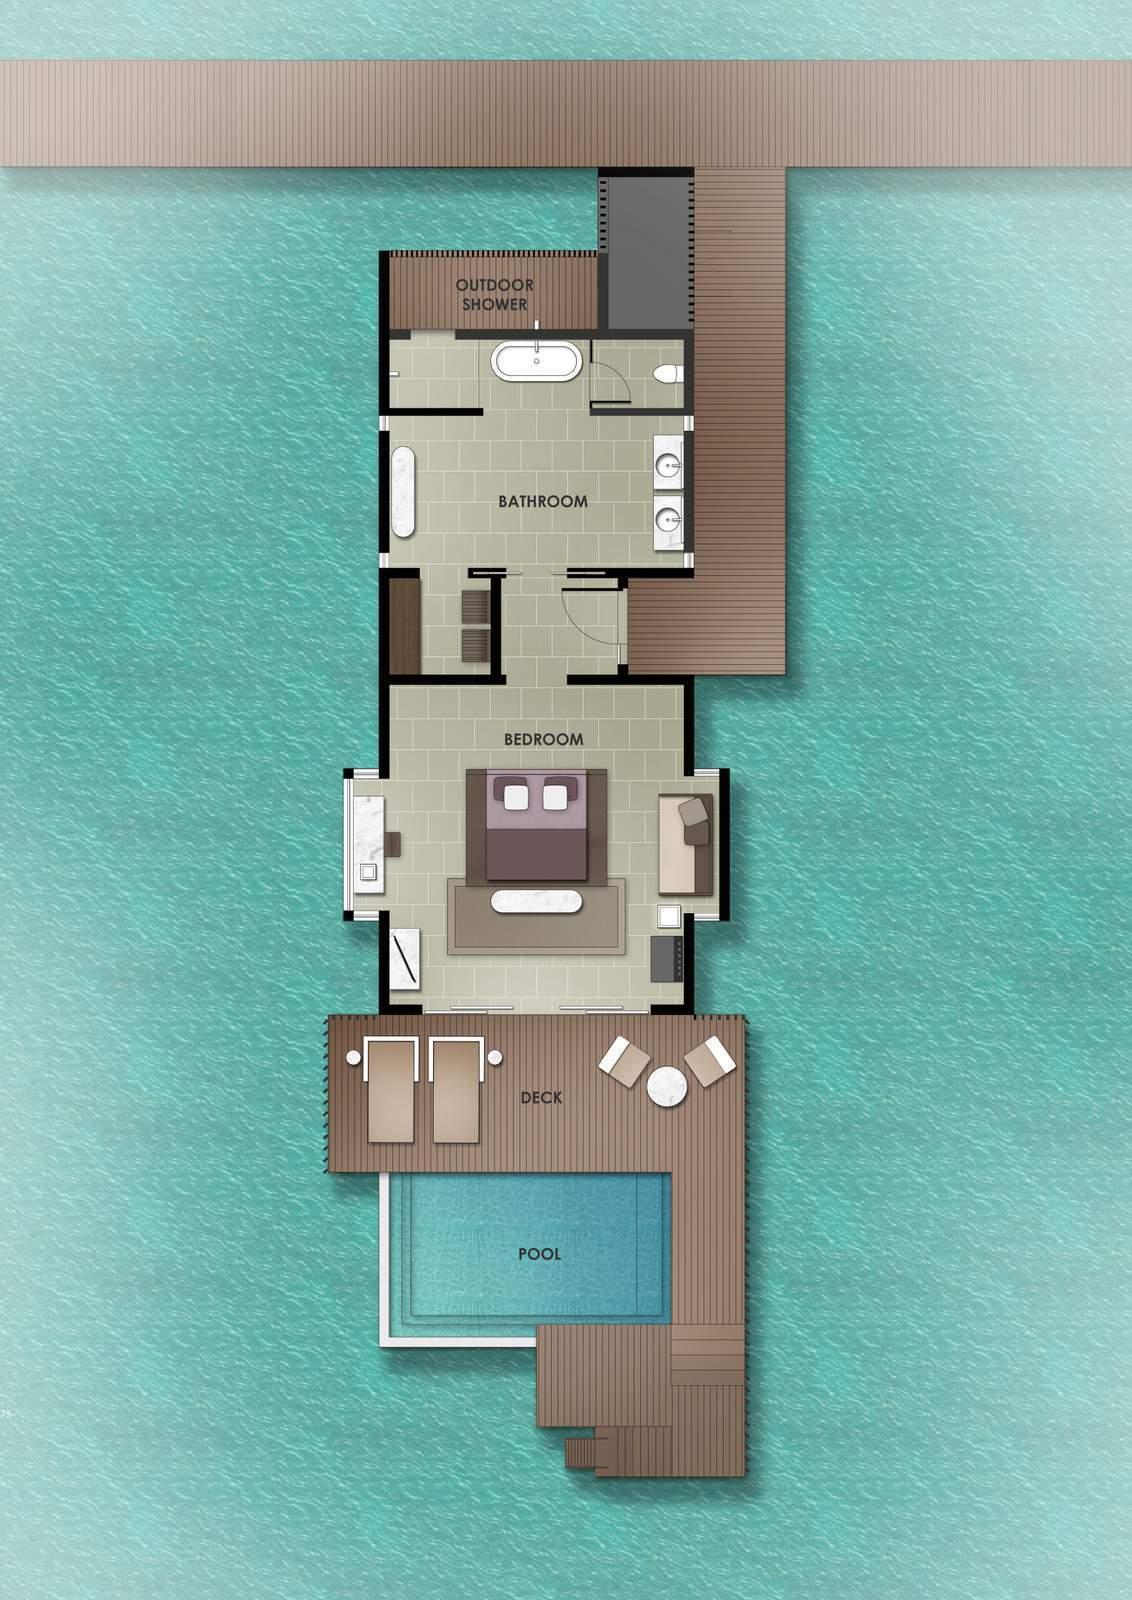 Мальдивы, отель The Residence Maldives at Dhigurah, план-схема номера Water Pool Villa